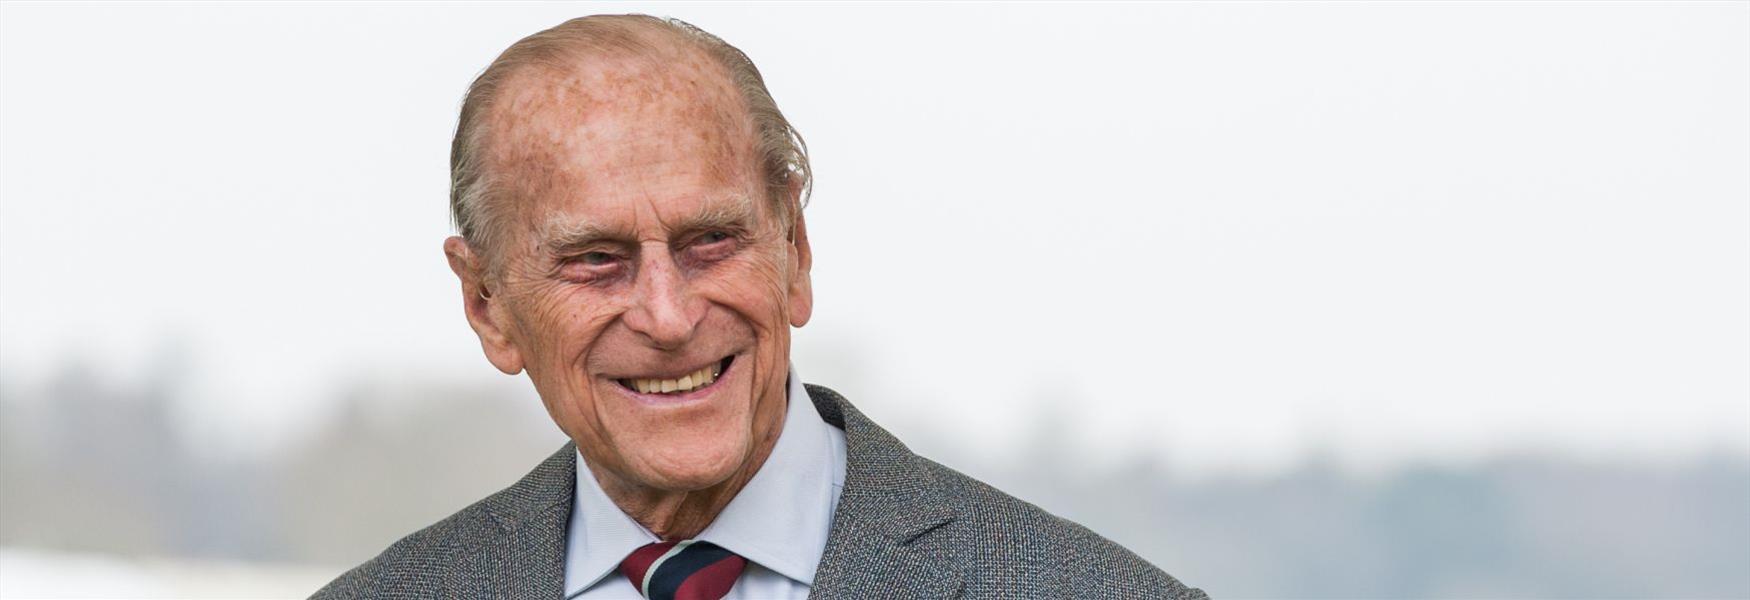 The Duke of Edinburgh © Gill Aspel 2016